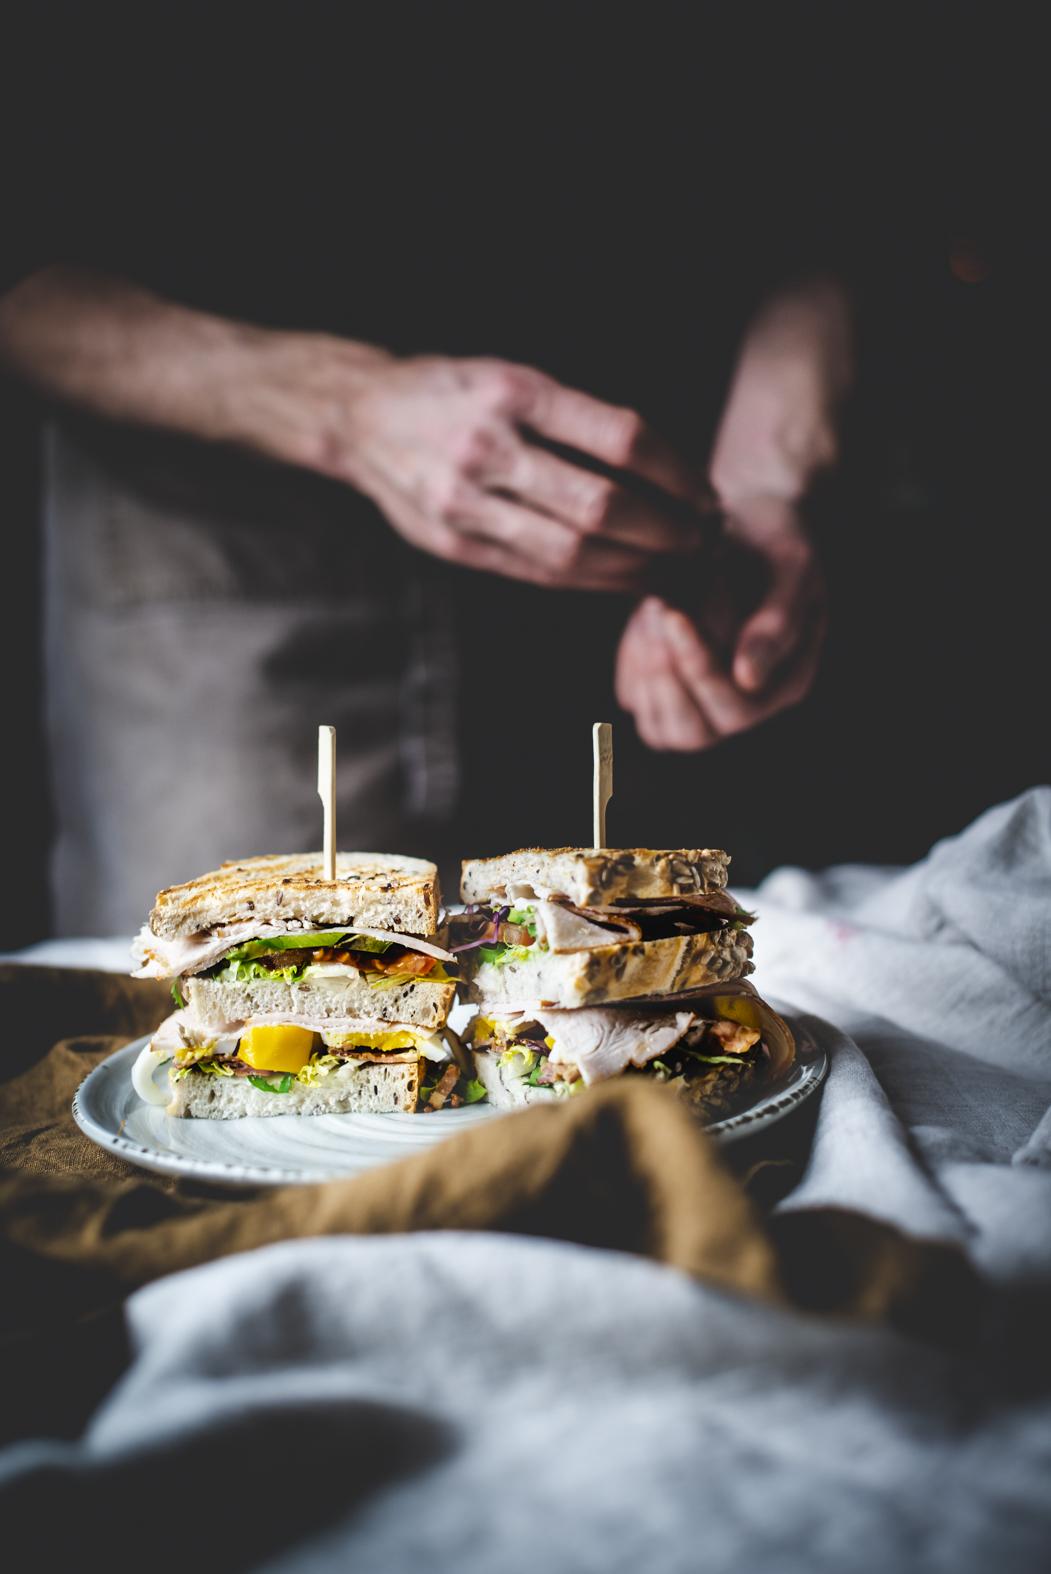 Van Doorn & Doorn- Club Sandwich - Stefanie Spoelder Food Photography Overijssel Delden Twente Nederland